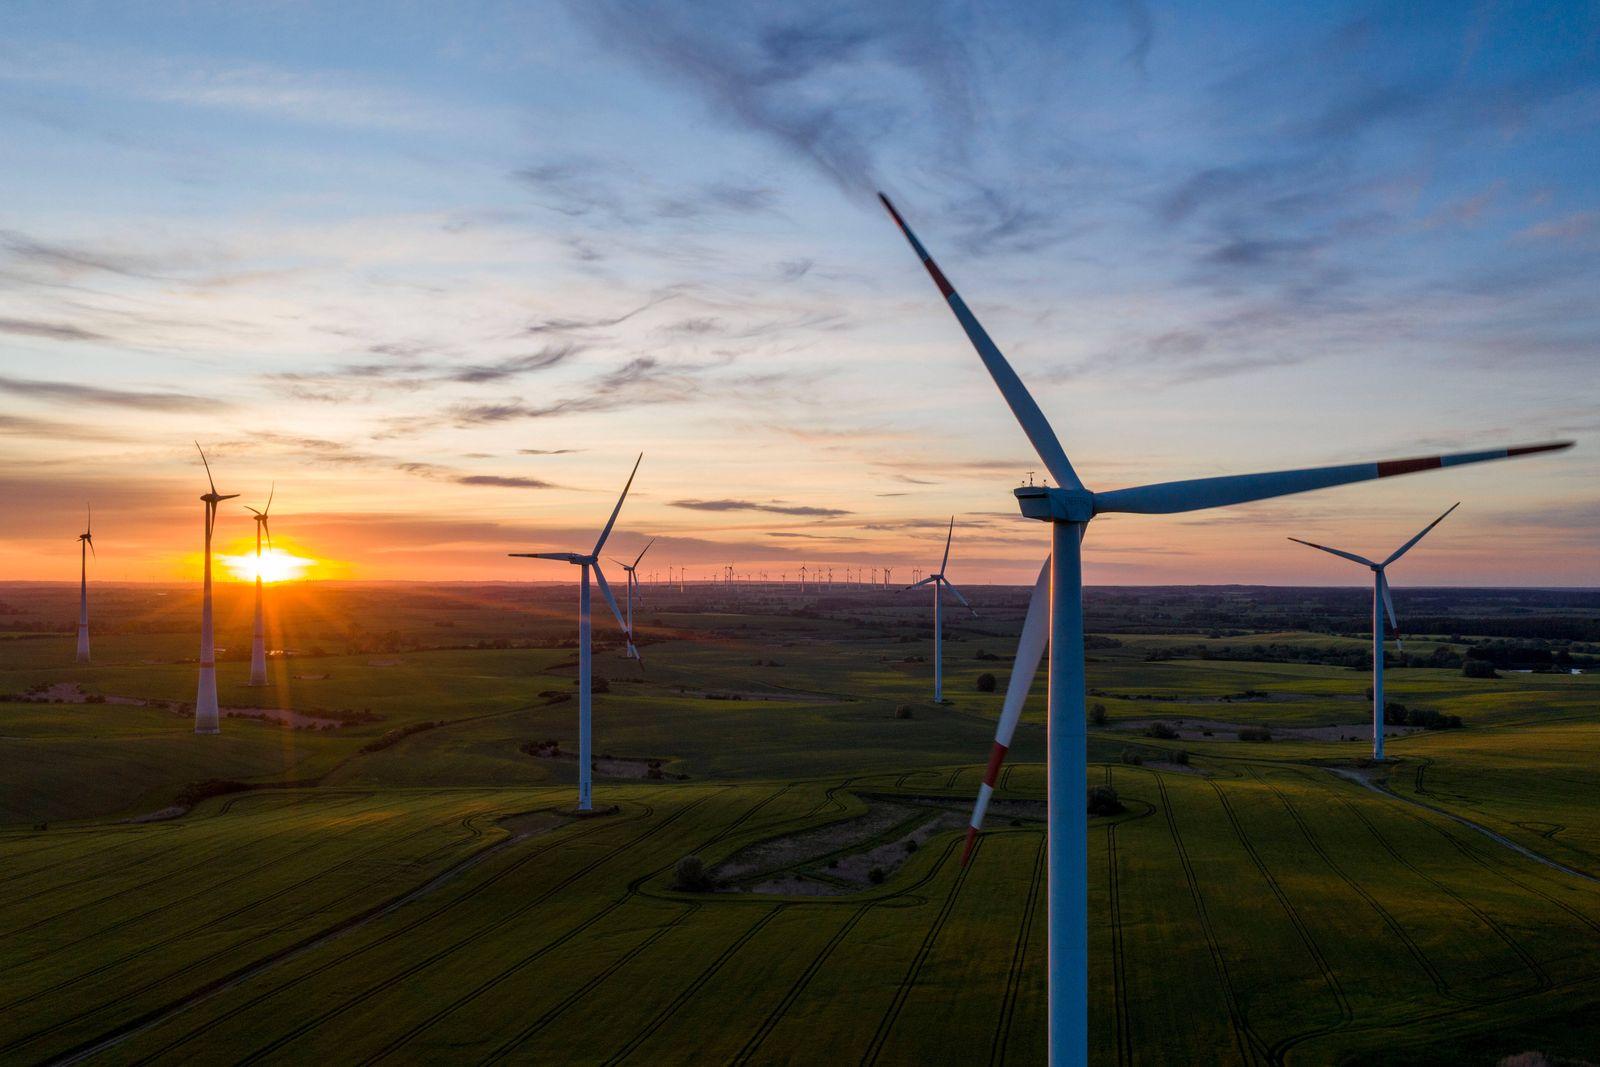 Deutschland, Uckermark, Windfeld am Abend, 30.05.2020 *** Germany, Uckermark, wind field in the evening, 30 05 2020